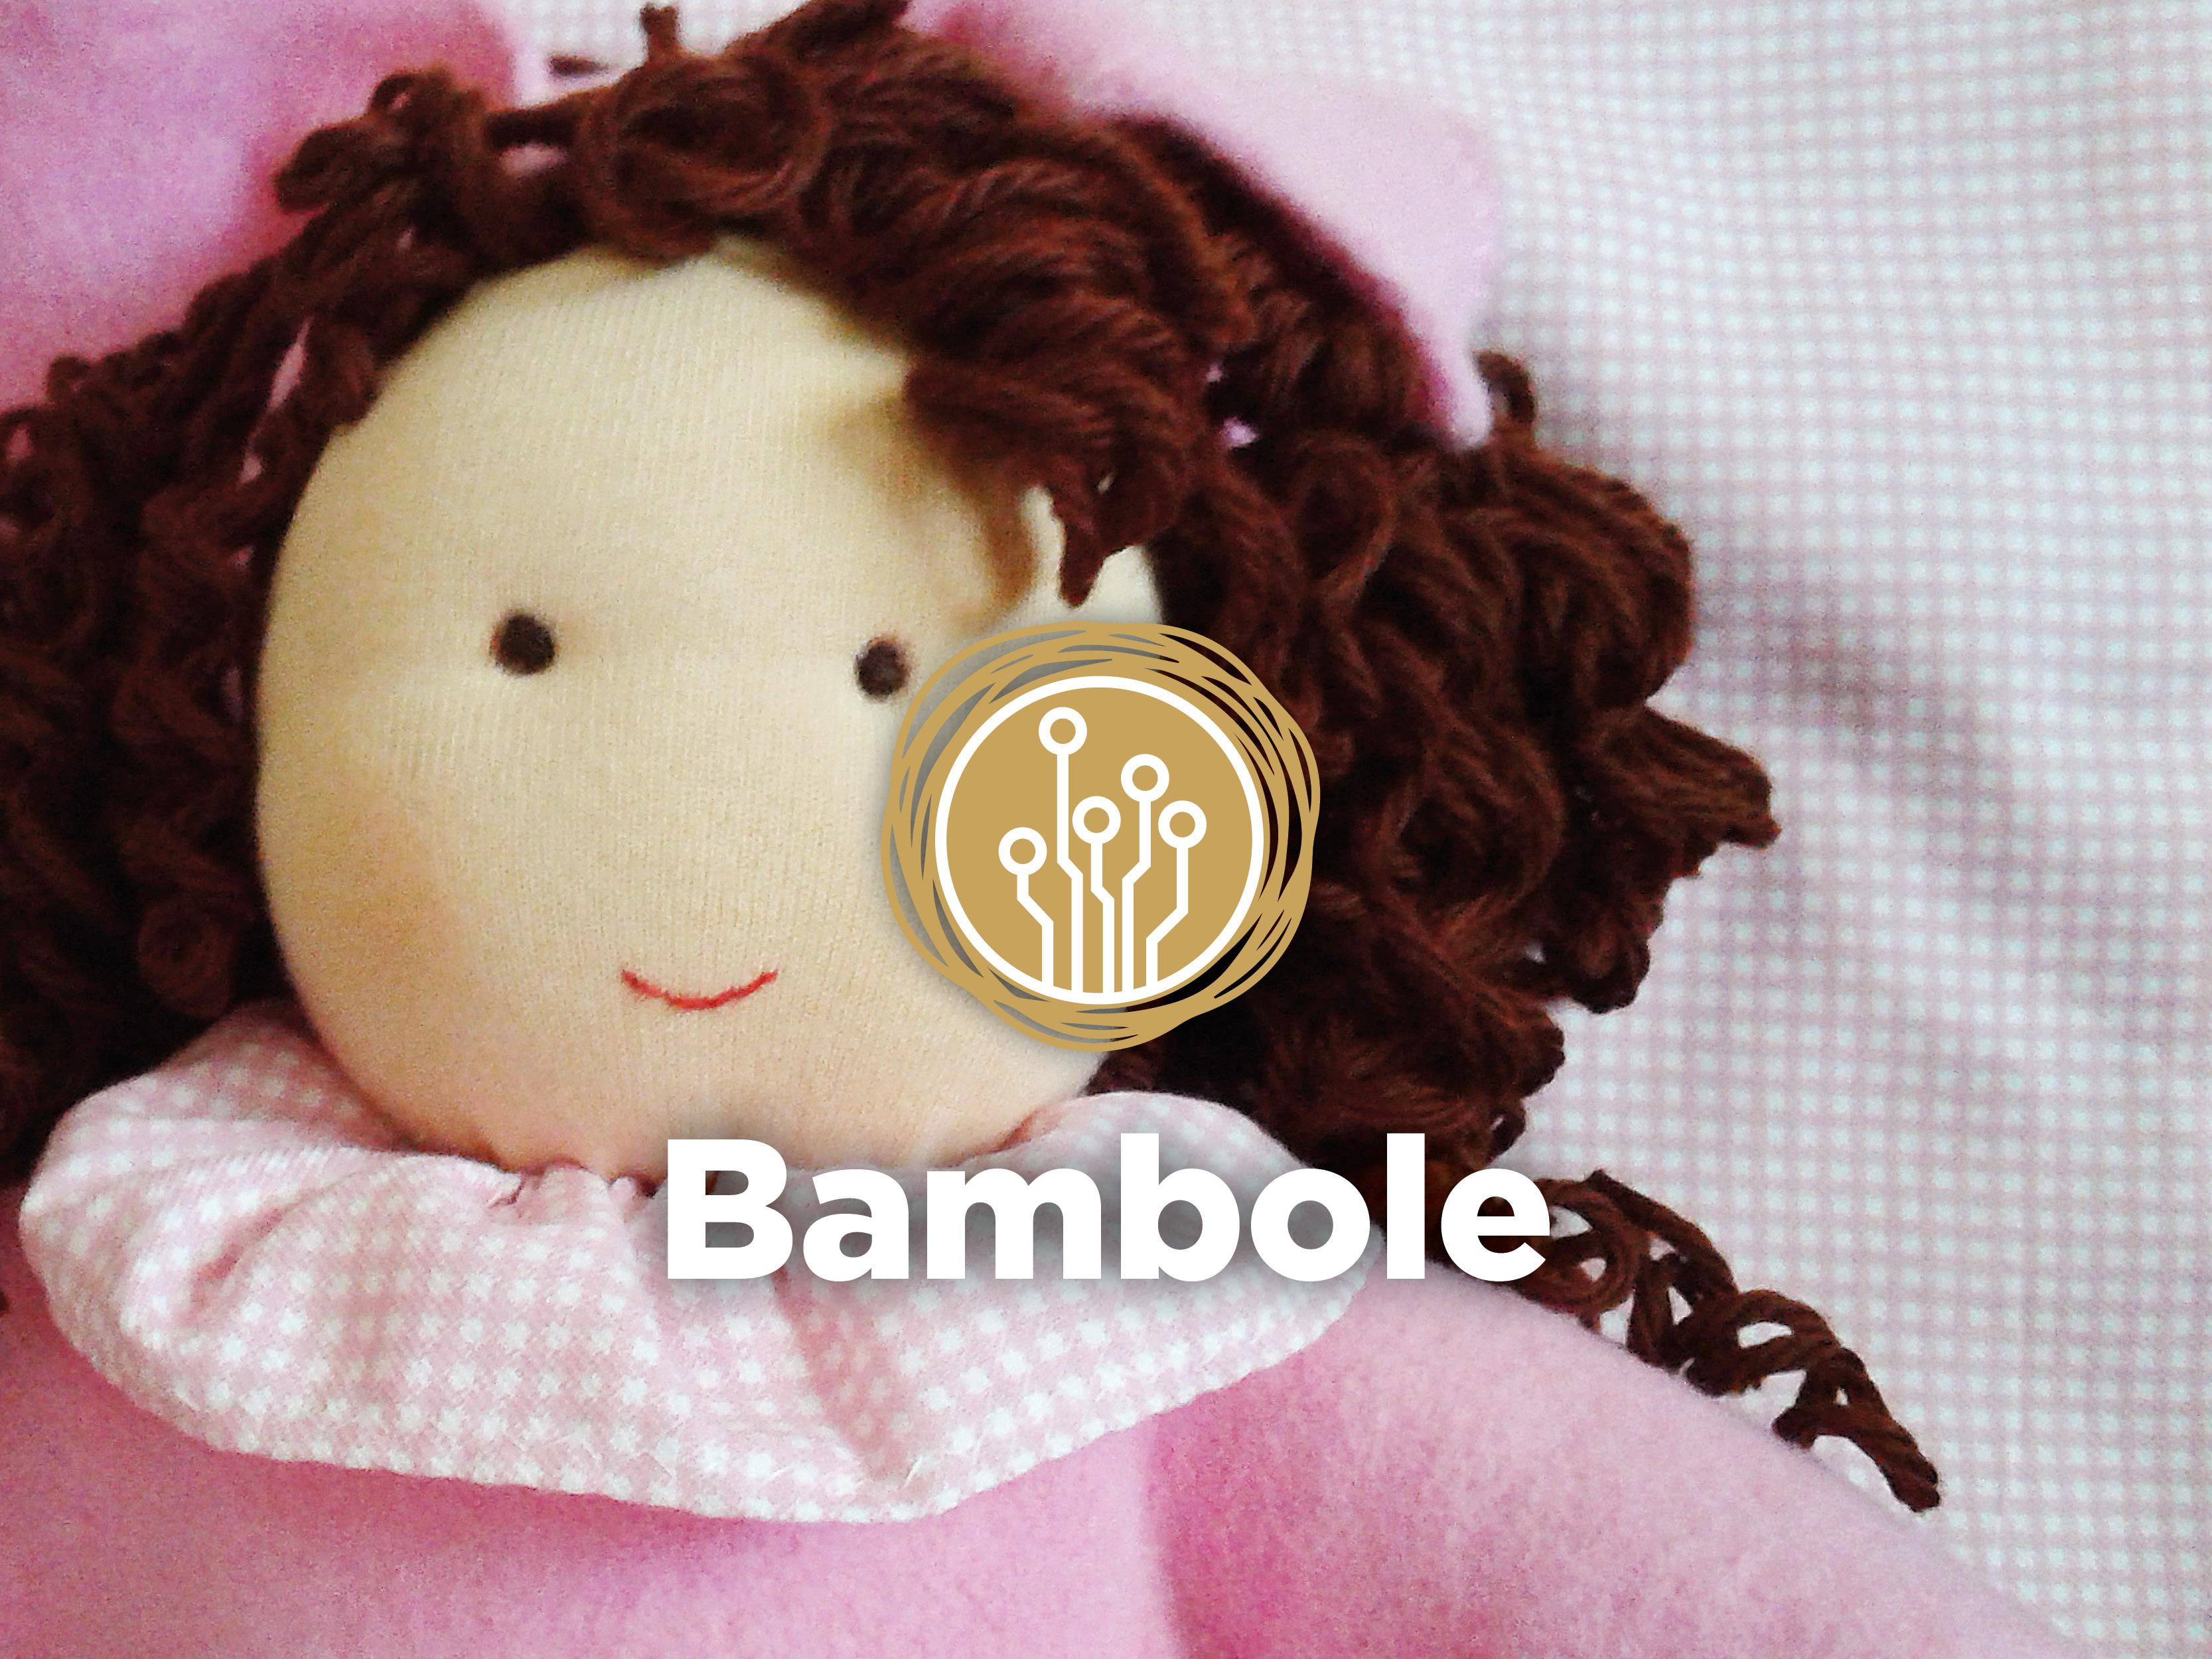 Bambole in stile Waldorf 10 Maggio e 7 giugno (venerdì) a Udine - COMPLETO